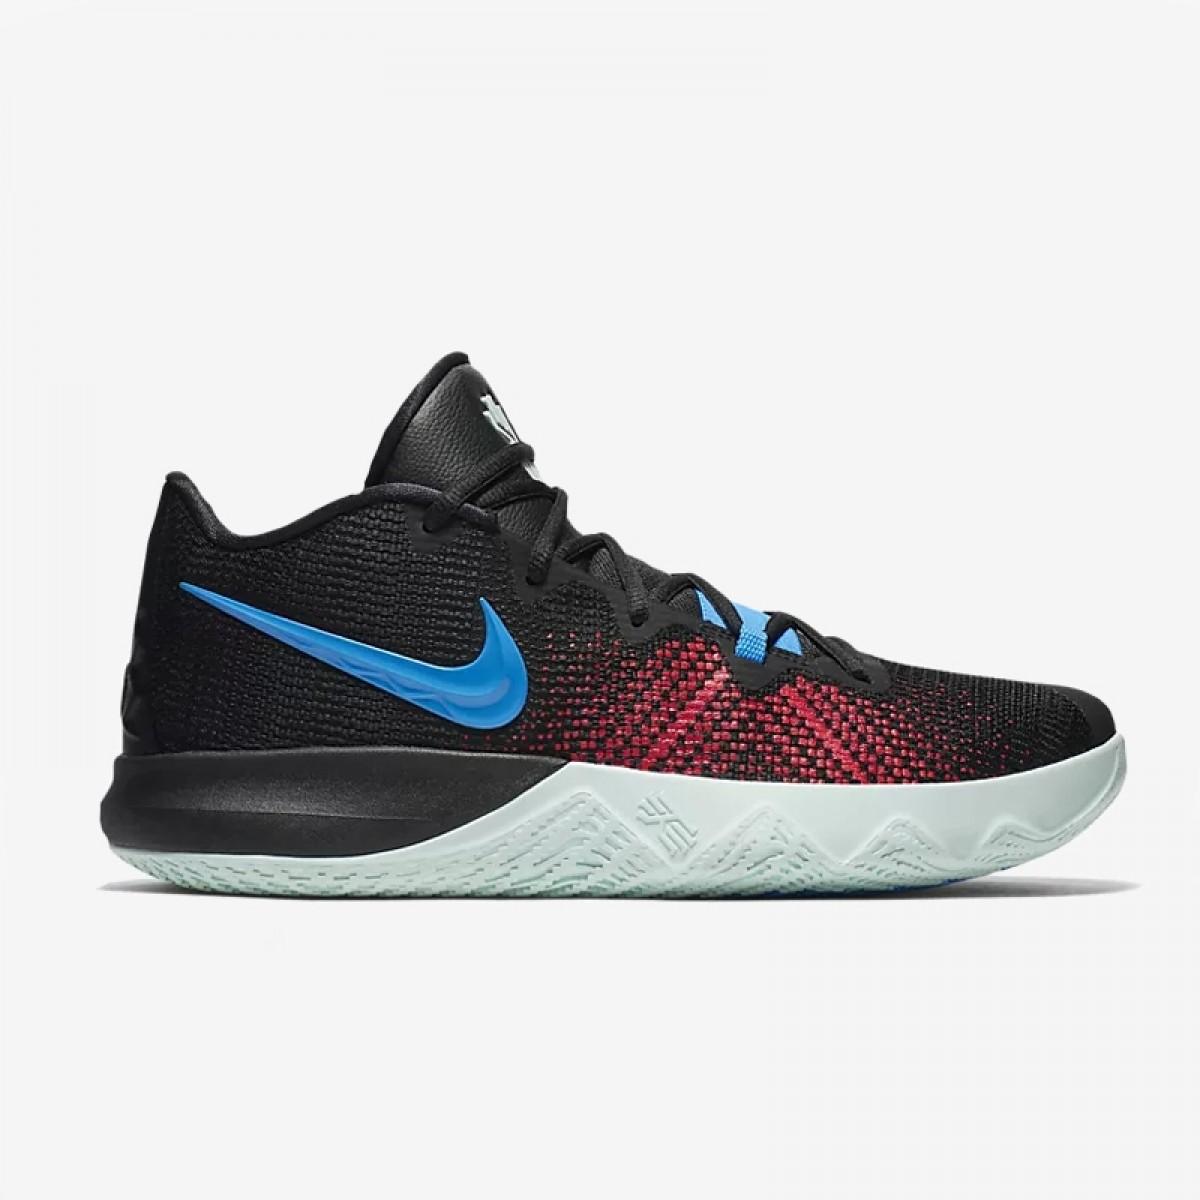 Nike Kyrie Flytrap GS 'Blue Hero'